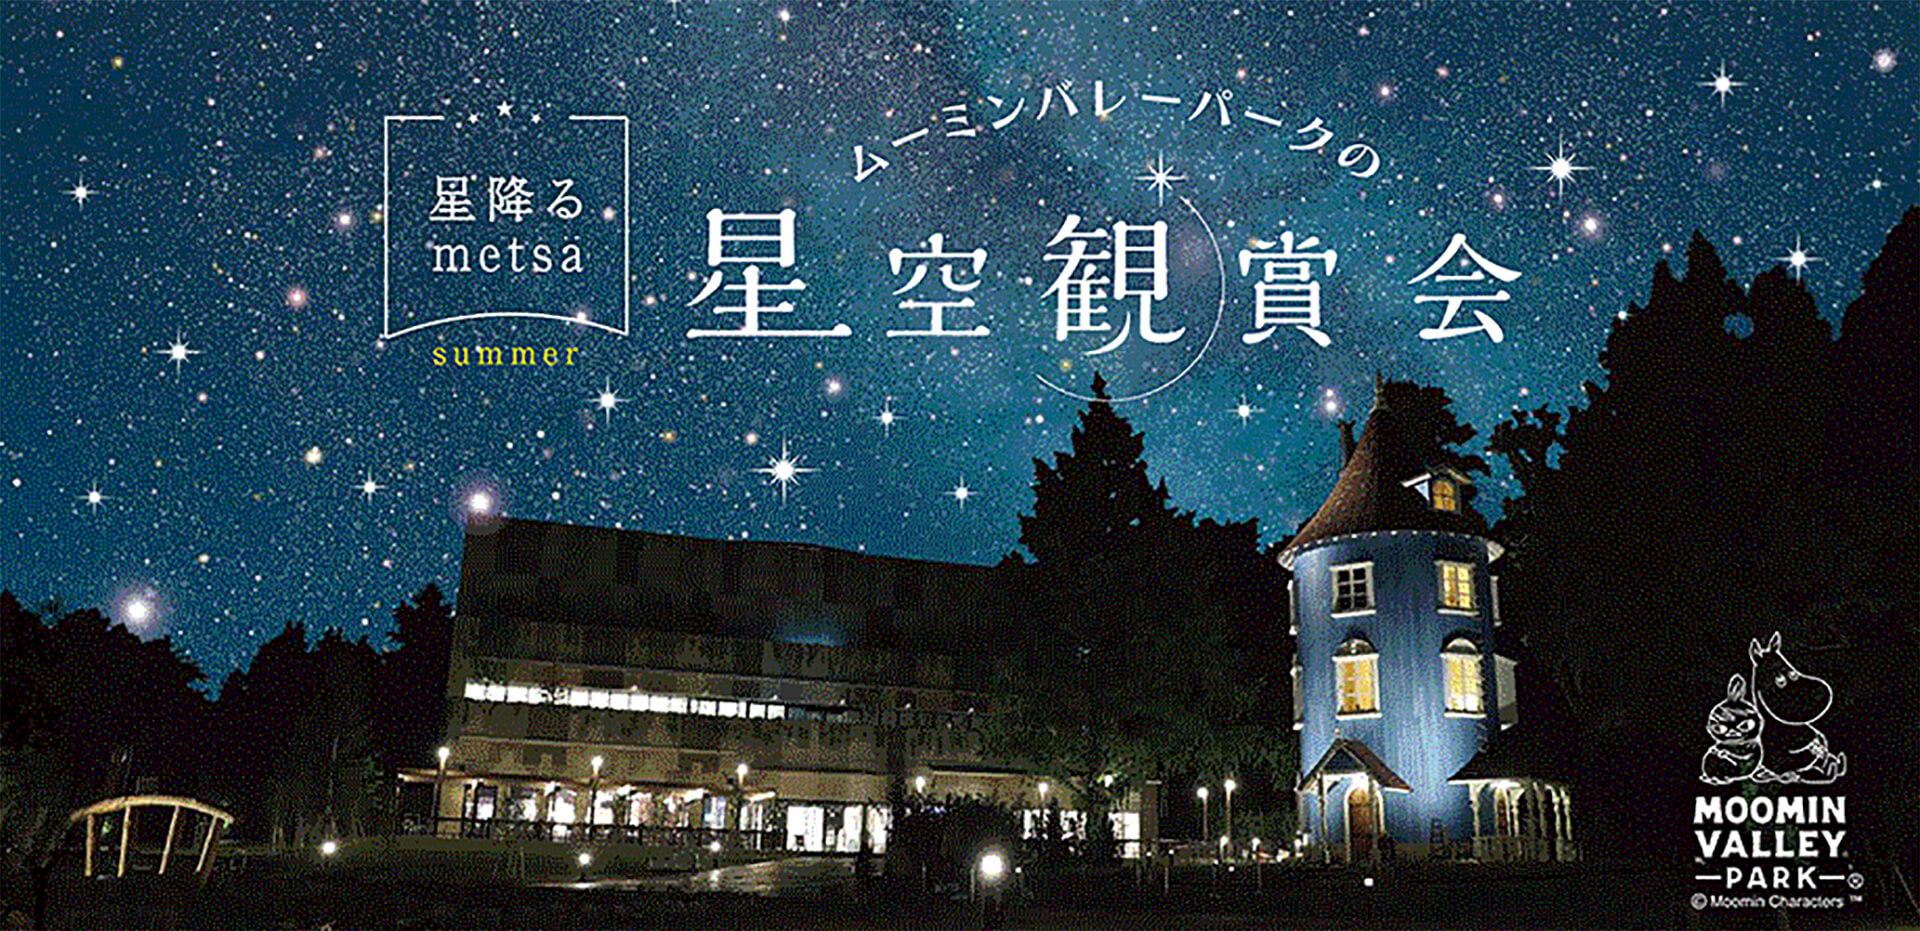 この写真は、ムーミンバレーパーク」星空観賞会のイメージバーナー。園内の空に星がたくさん